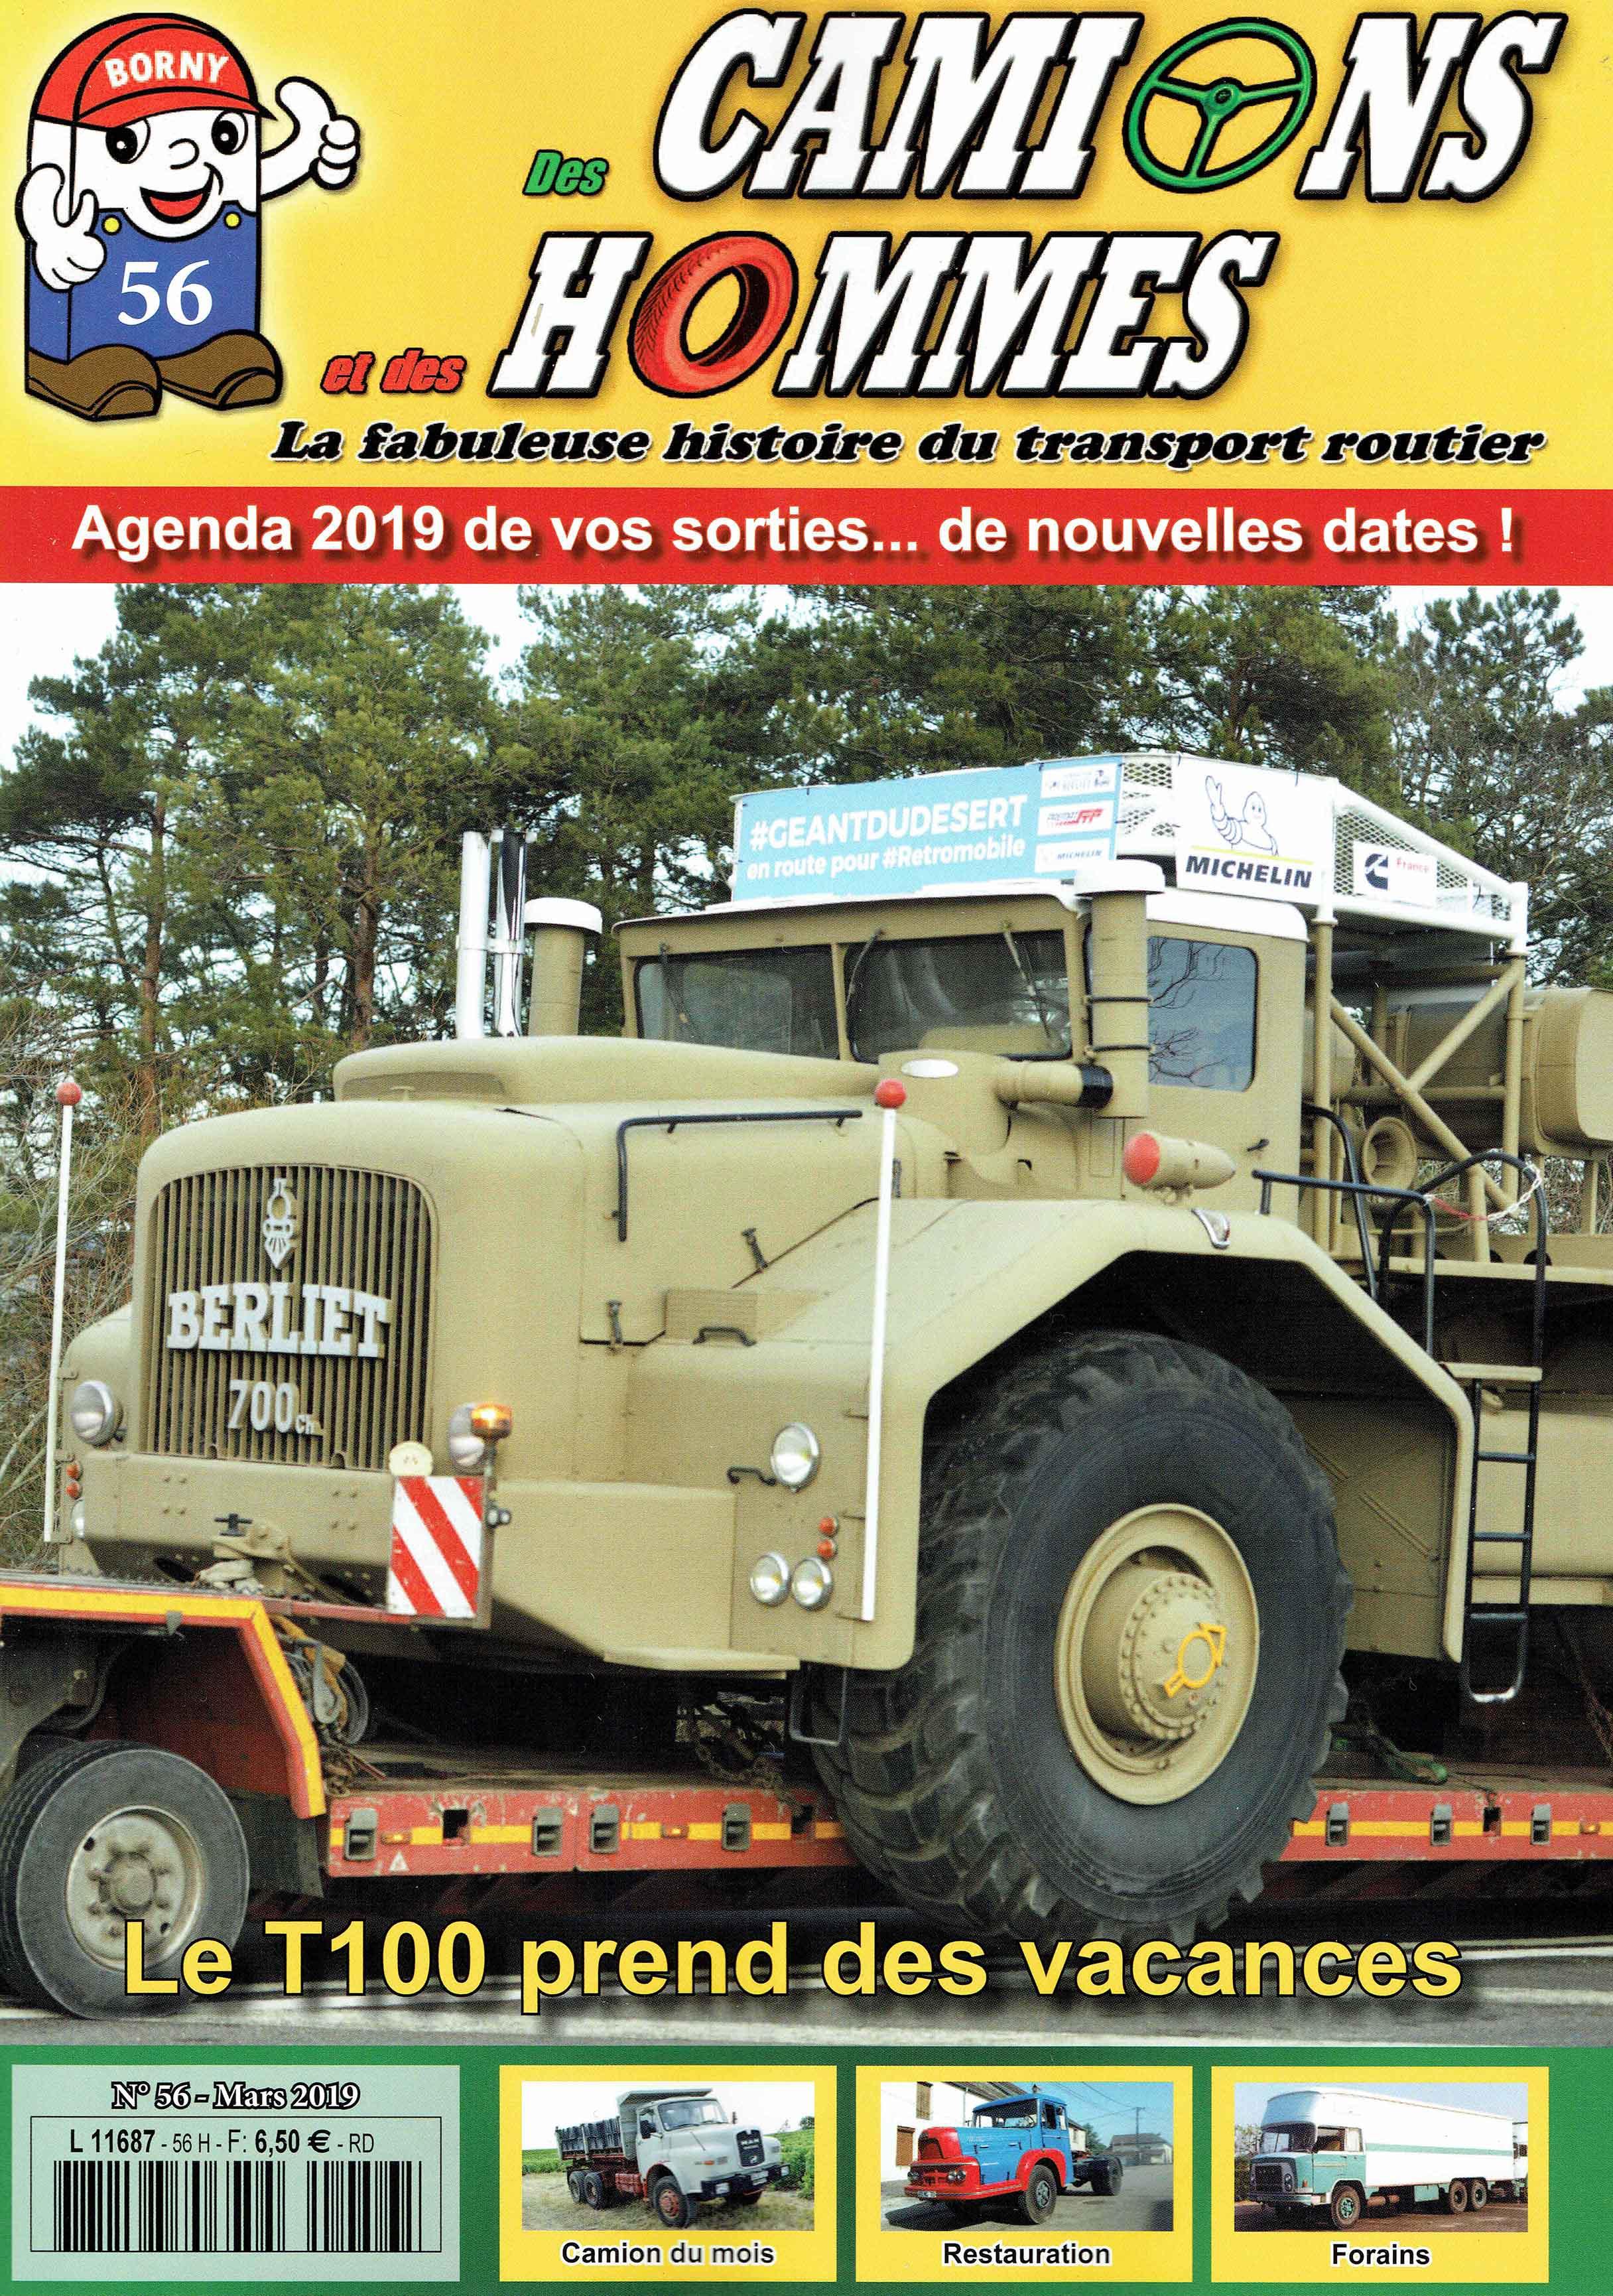 Magazine N°56 Des Camions et des Hommes (Etranger)